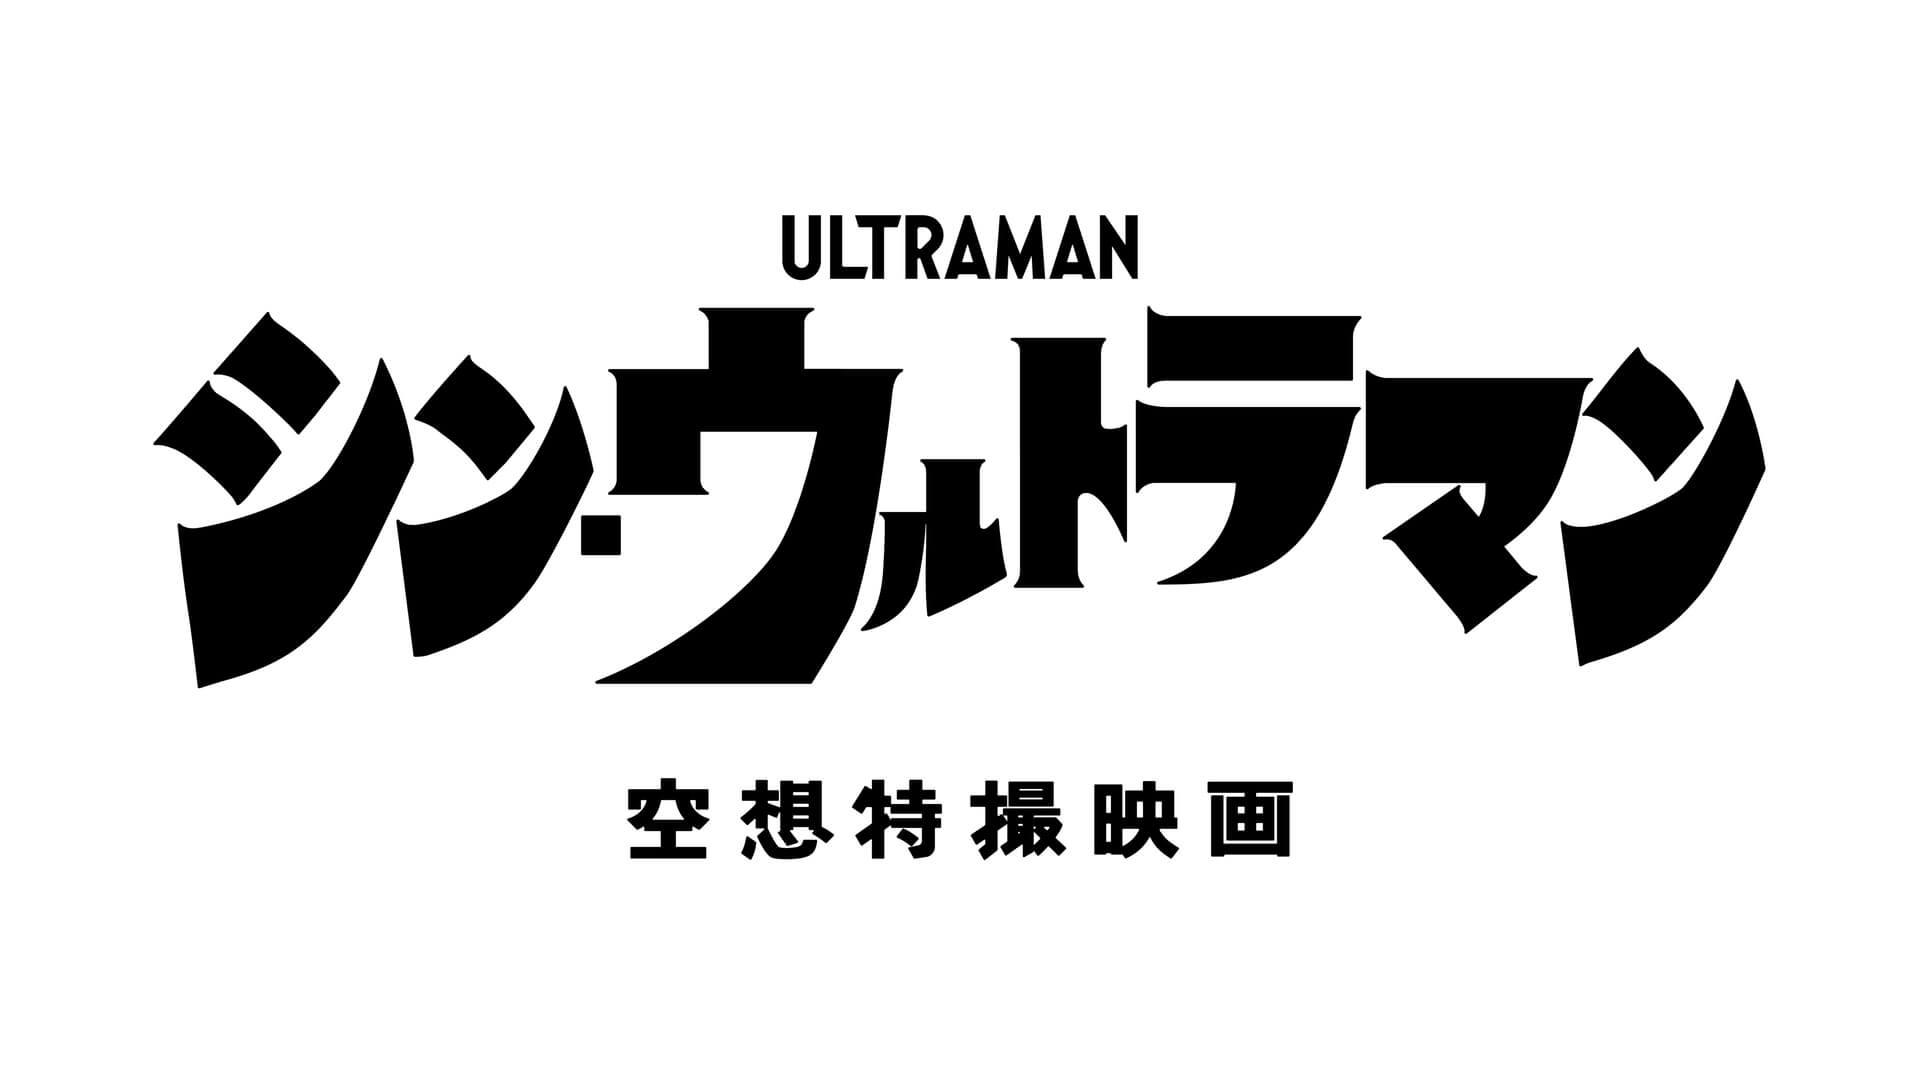 映画『シン・ウルトラマン』ウルトラマンのデザインがついに明らかに!円谷プロ史上最大の祭典<TSUBURAYA CONVENTION 2019>が開催 film191216_shinultraman_2